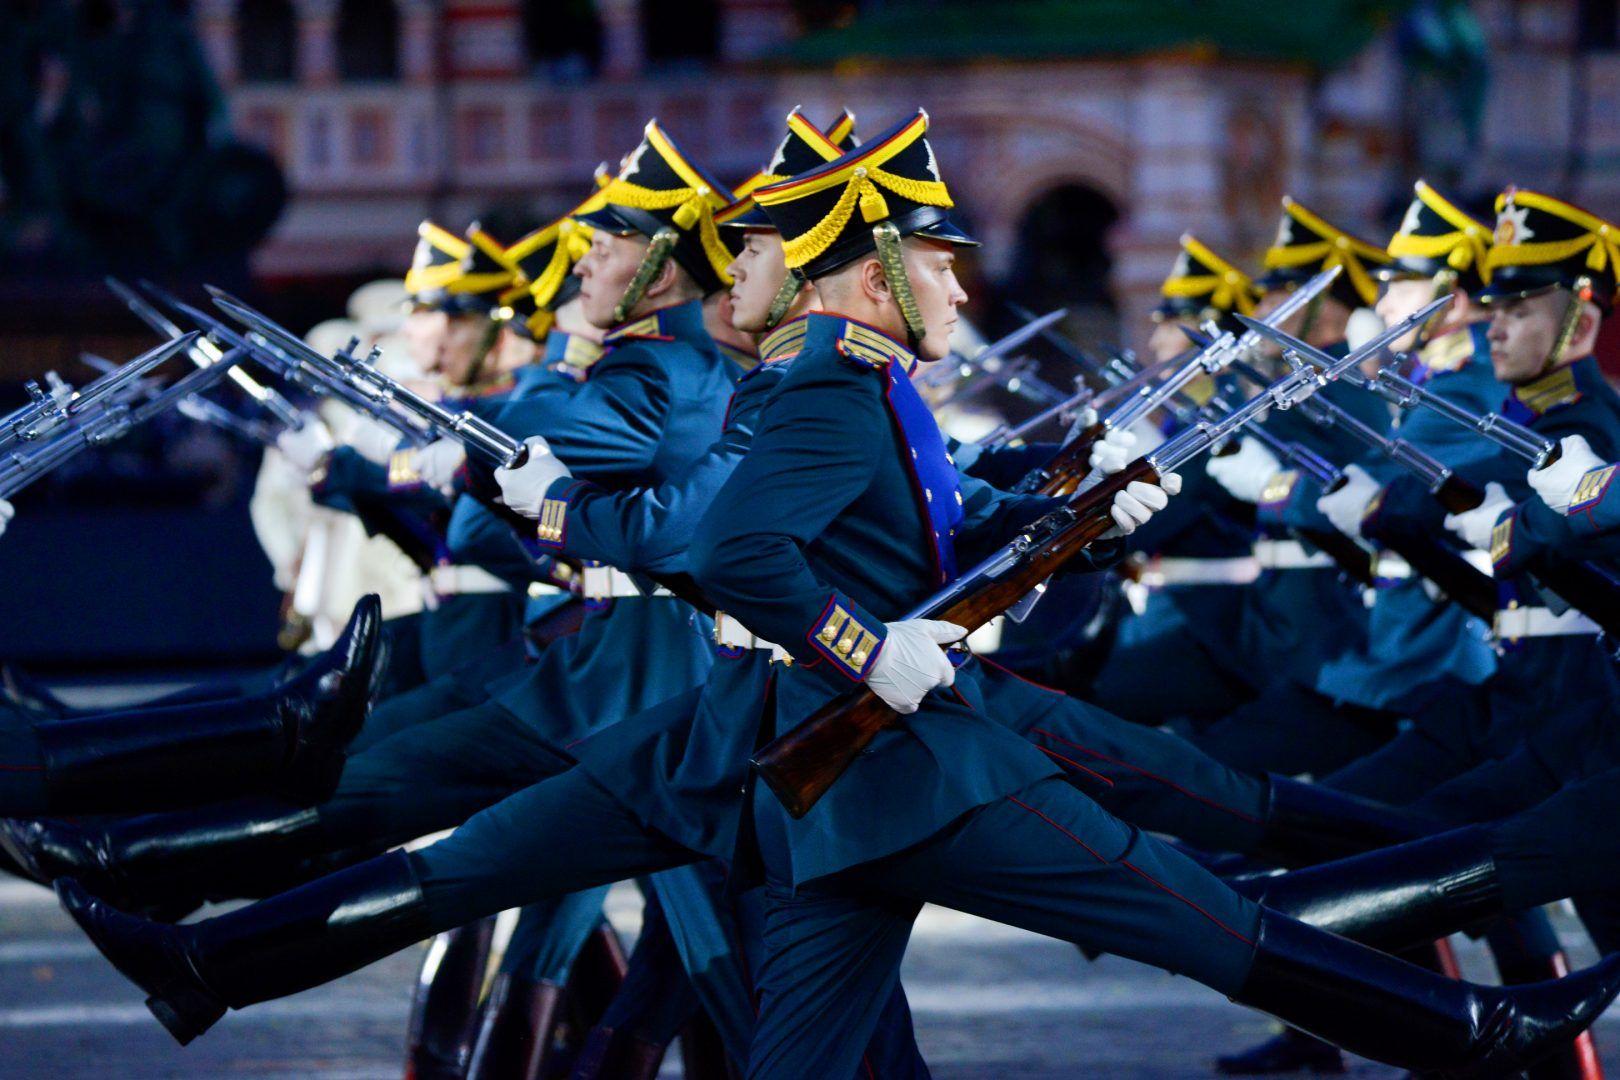 В парках Москвы выступят военные оркестры разных стран.Фото: архив, «Вечерняя Москва»